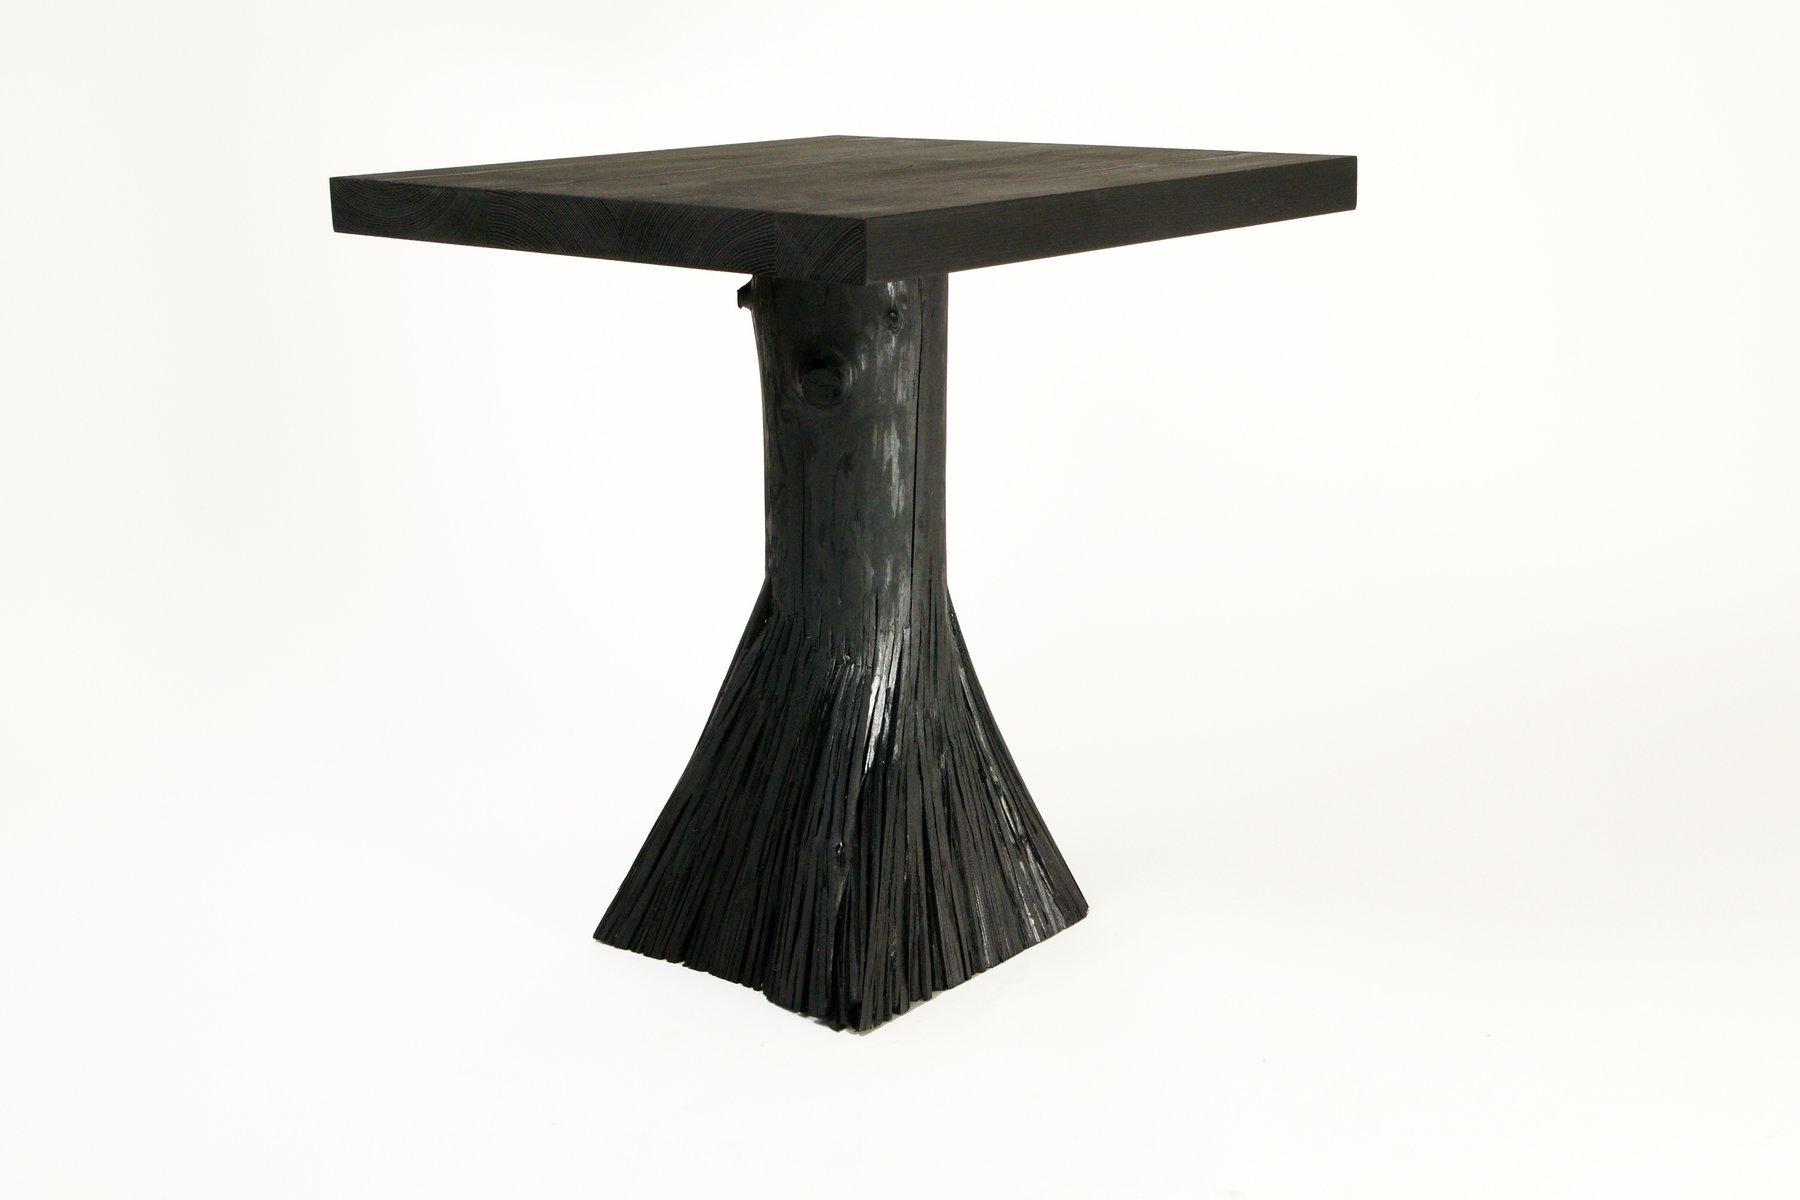 Schwarzer beistelltisch aus pressholz von johannes hemann for Kleiner schwarzer beistelltisch